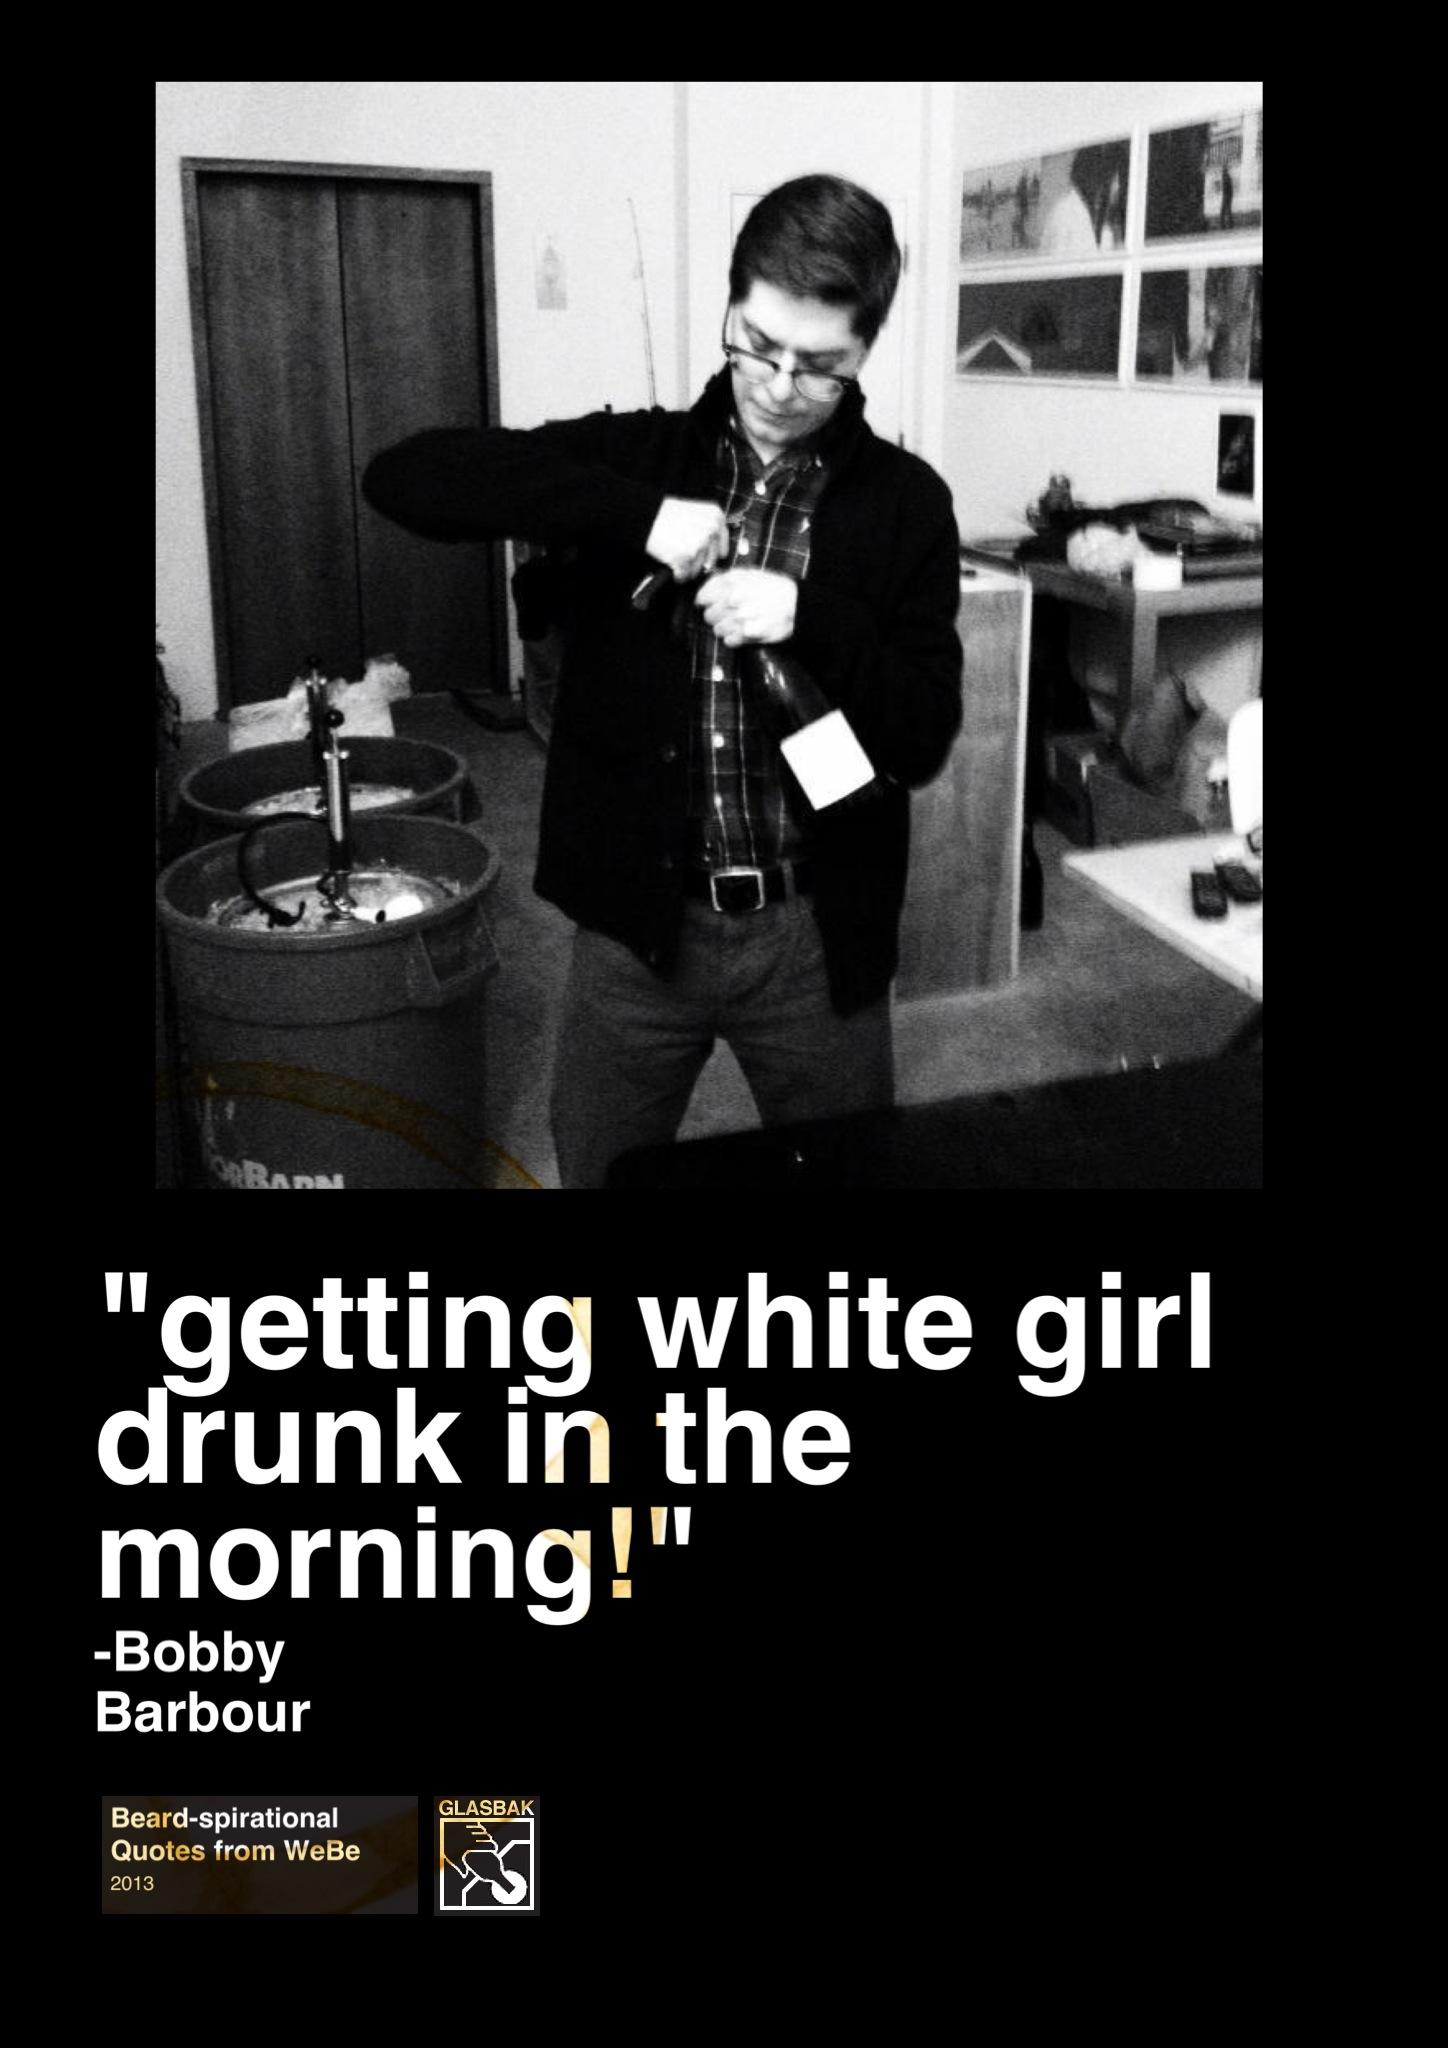 2013-02-11_getting white girl drunk in the morning!.jpg